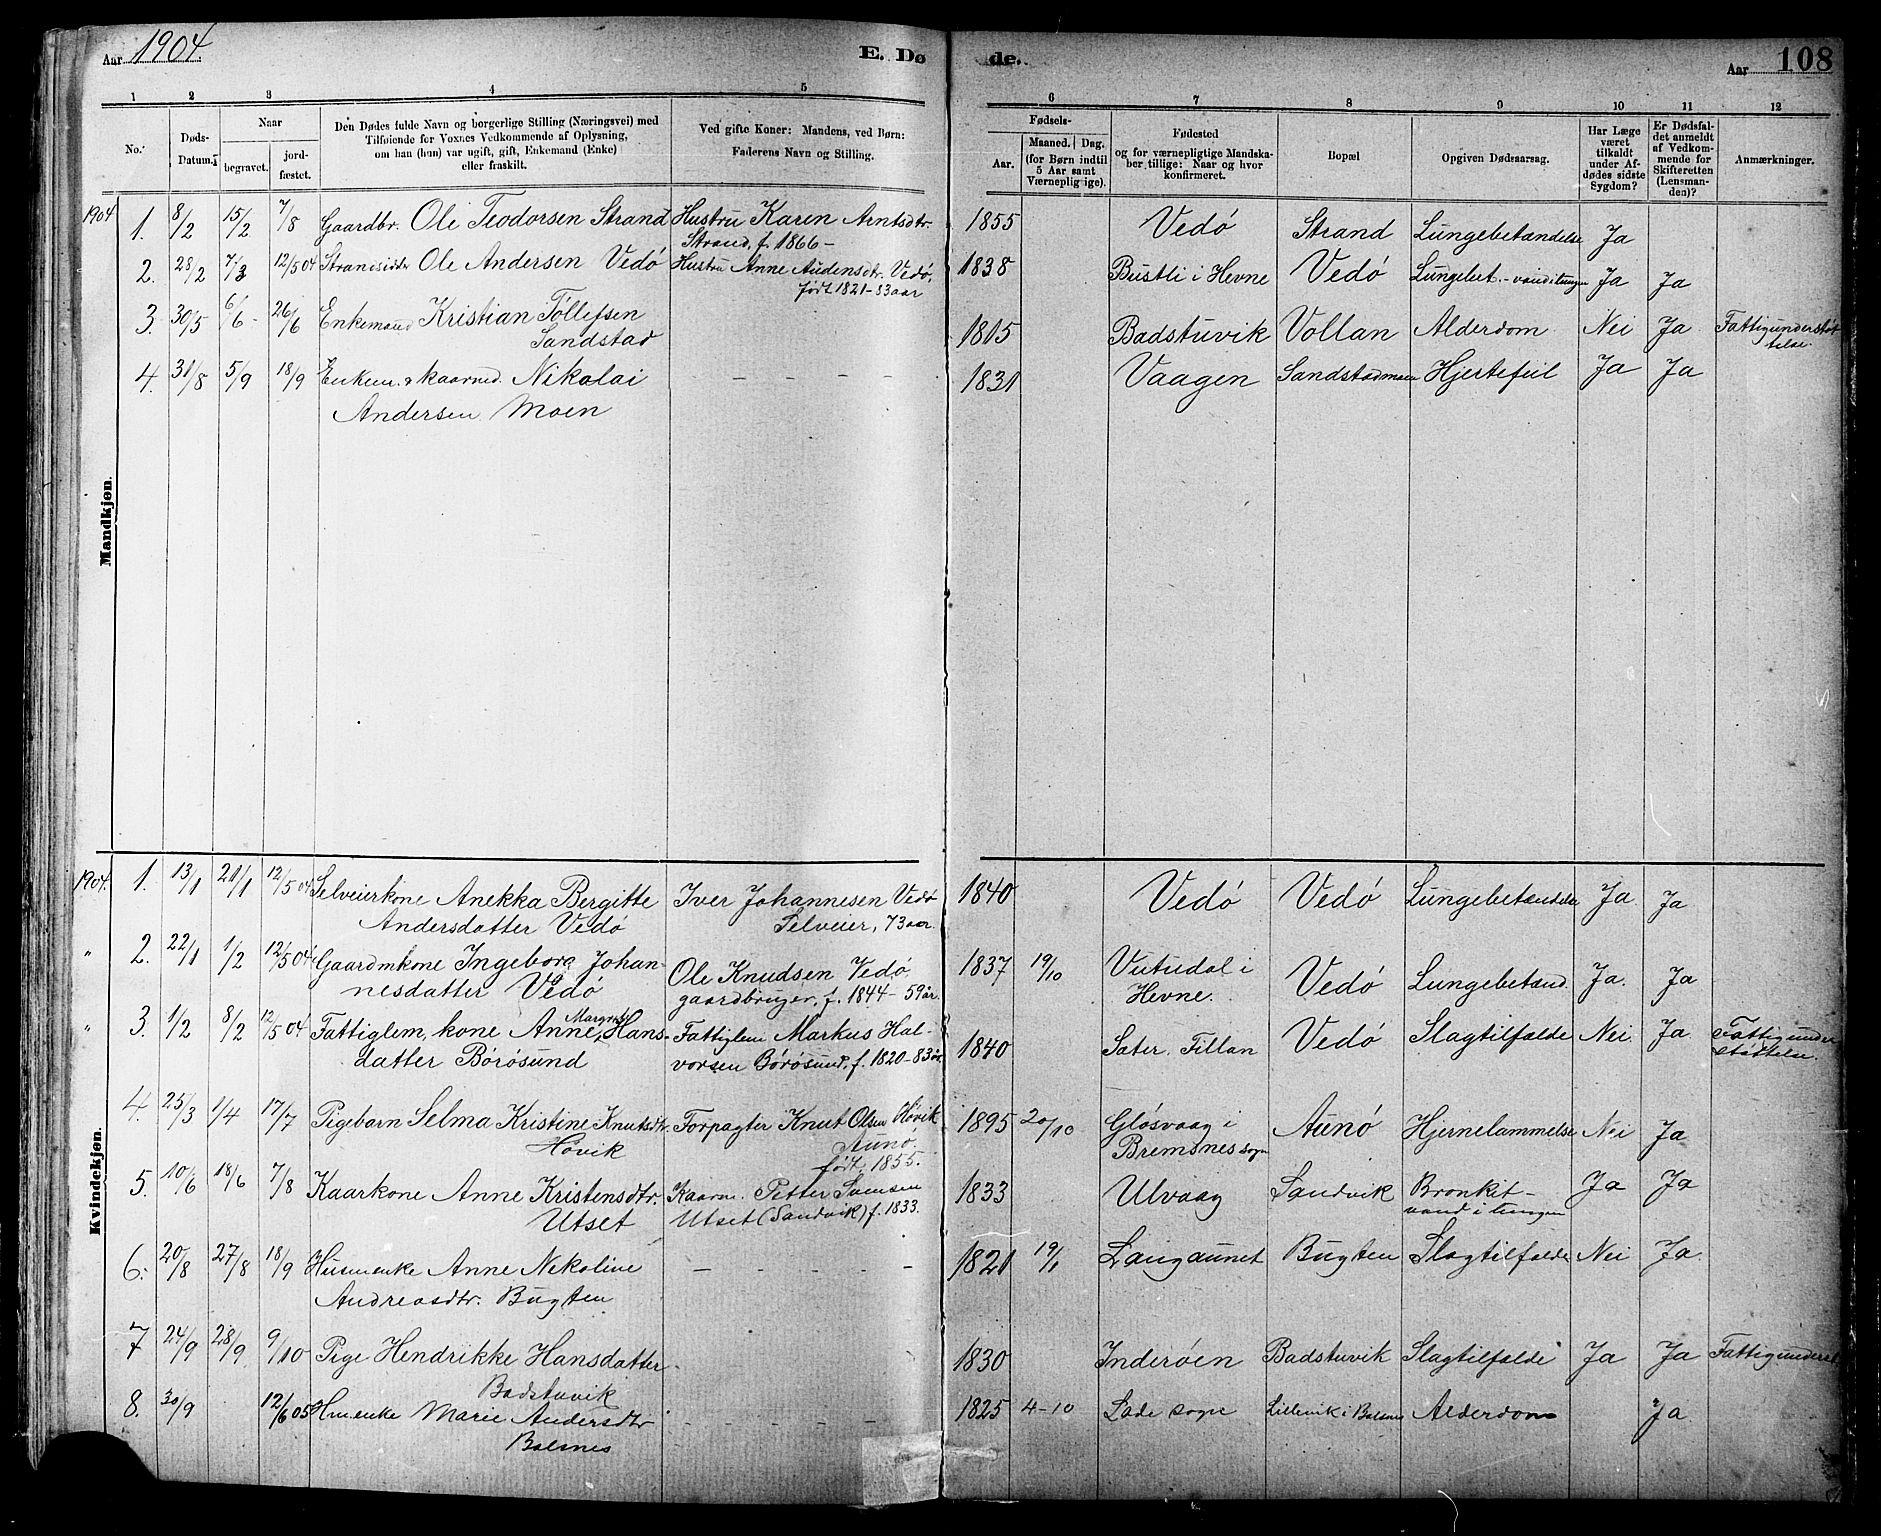 SAT, Ministerialprotokoller, klokkerbøker og fødselsregistre - Sør-Trøndelag, 639/L0573: Klokkerbok nr. 639C01, 1890-1905, s. 108